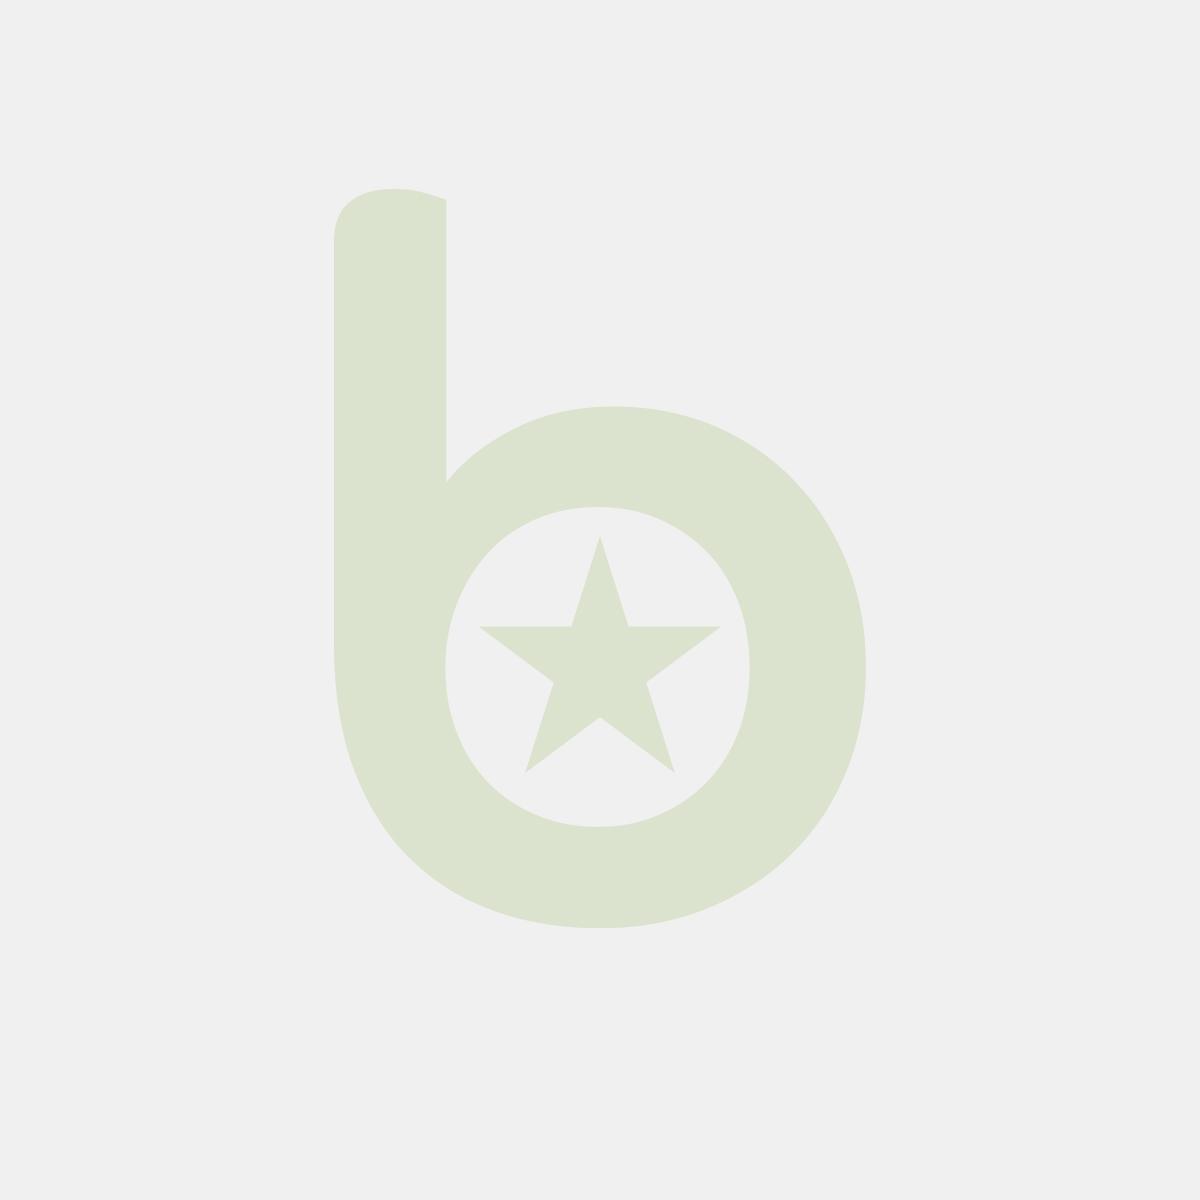 Pojemnik okrągły bezbarwny KP-731 250ml PP gładki, cena za opakowanie 100szt